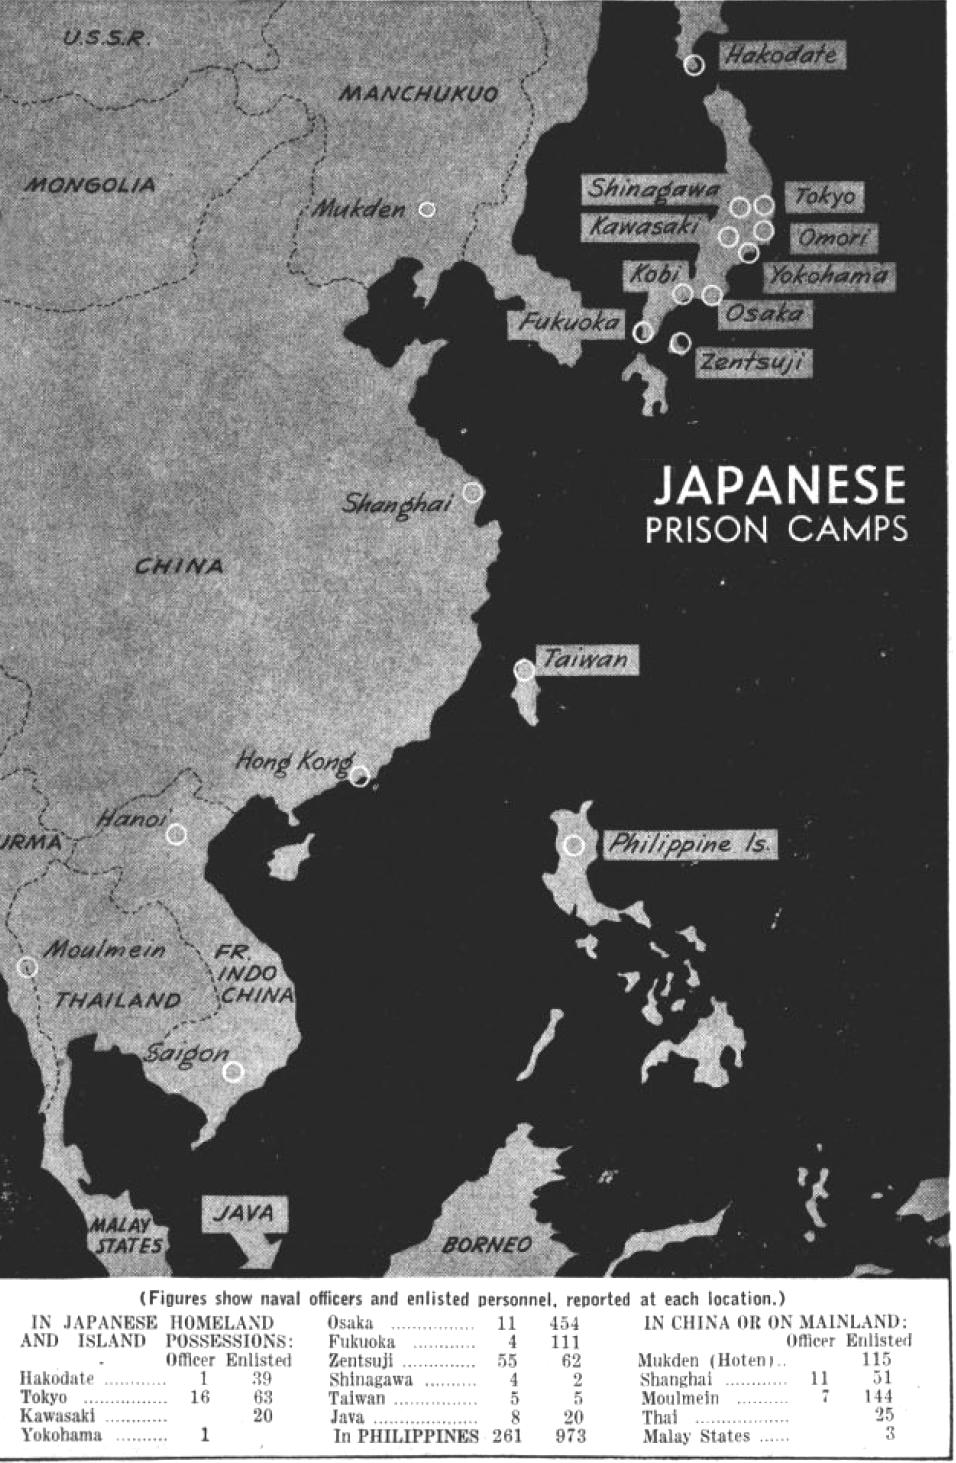 fileprisoners of war camps in japan in world war ii map of 1944